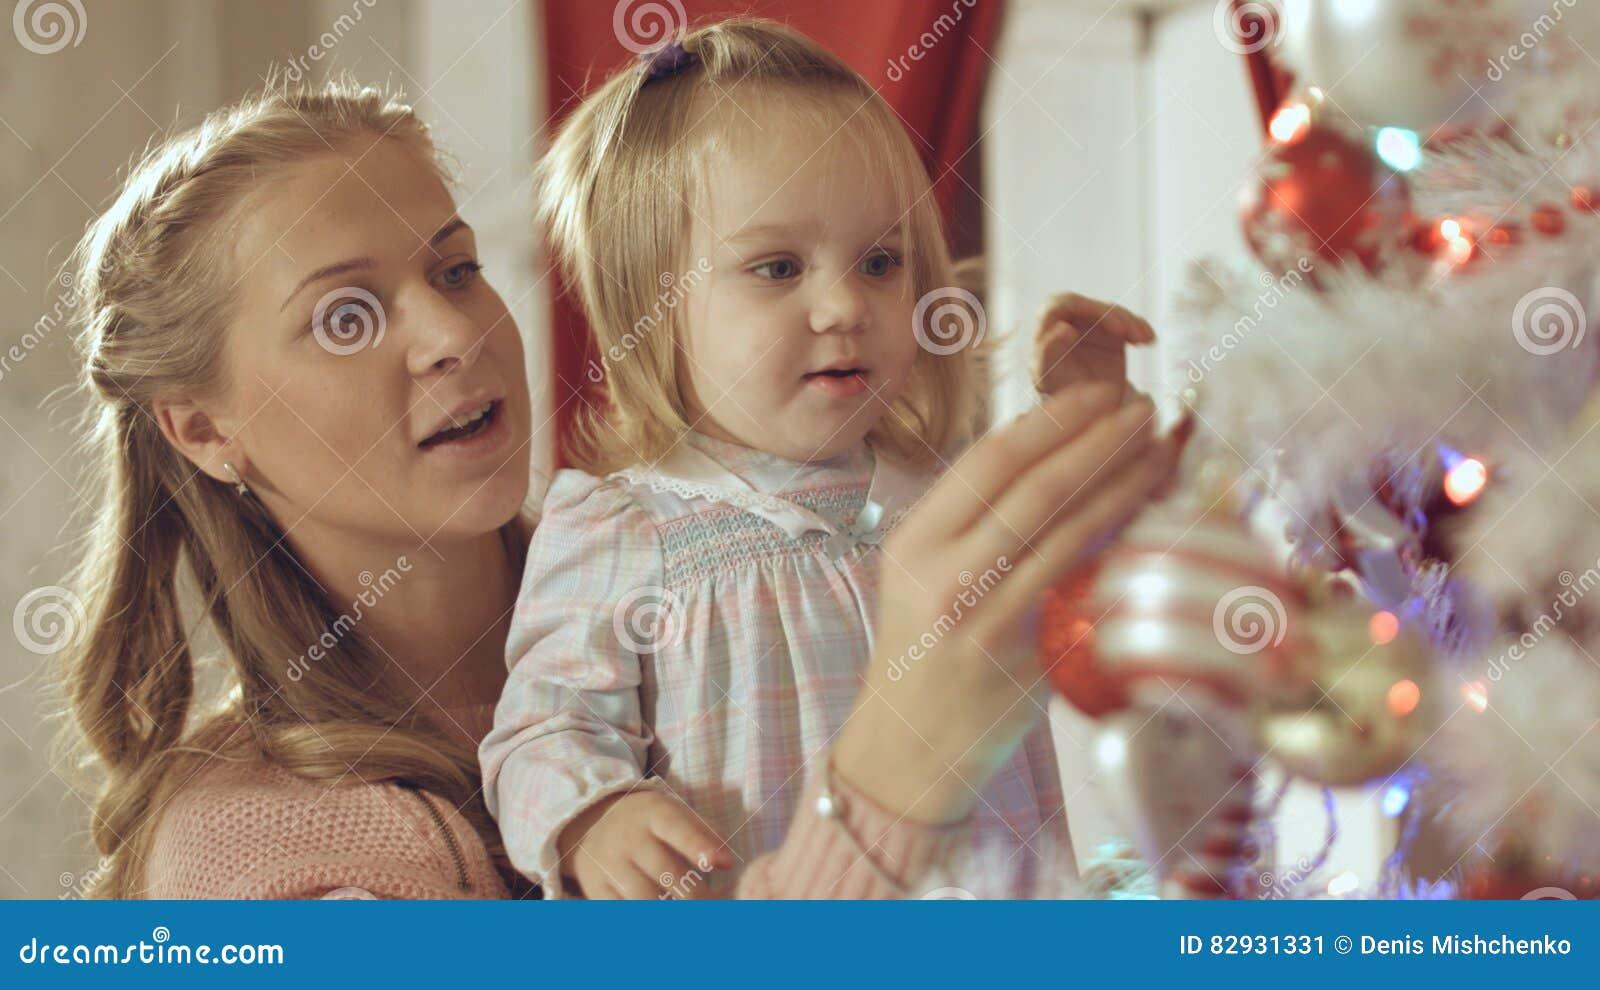 Η μητέρα με το λατρευτό μωρό διακοσμεί ένα χριστουγεννιάτικο δέντρο στο σπίτι